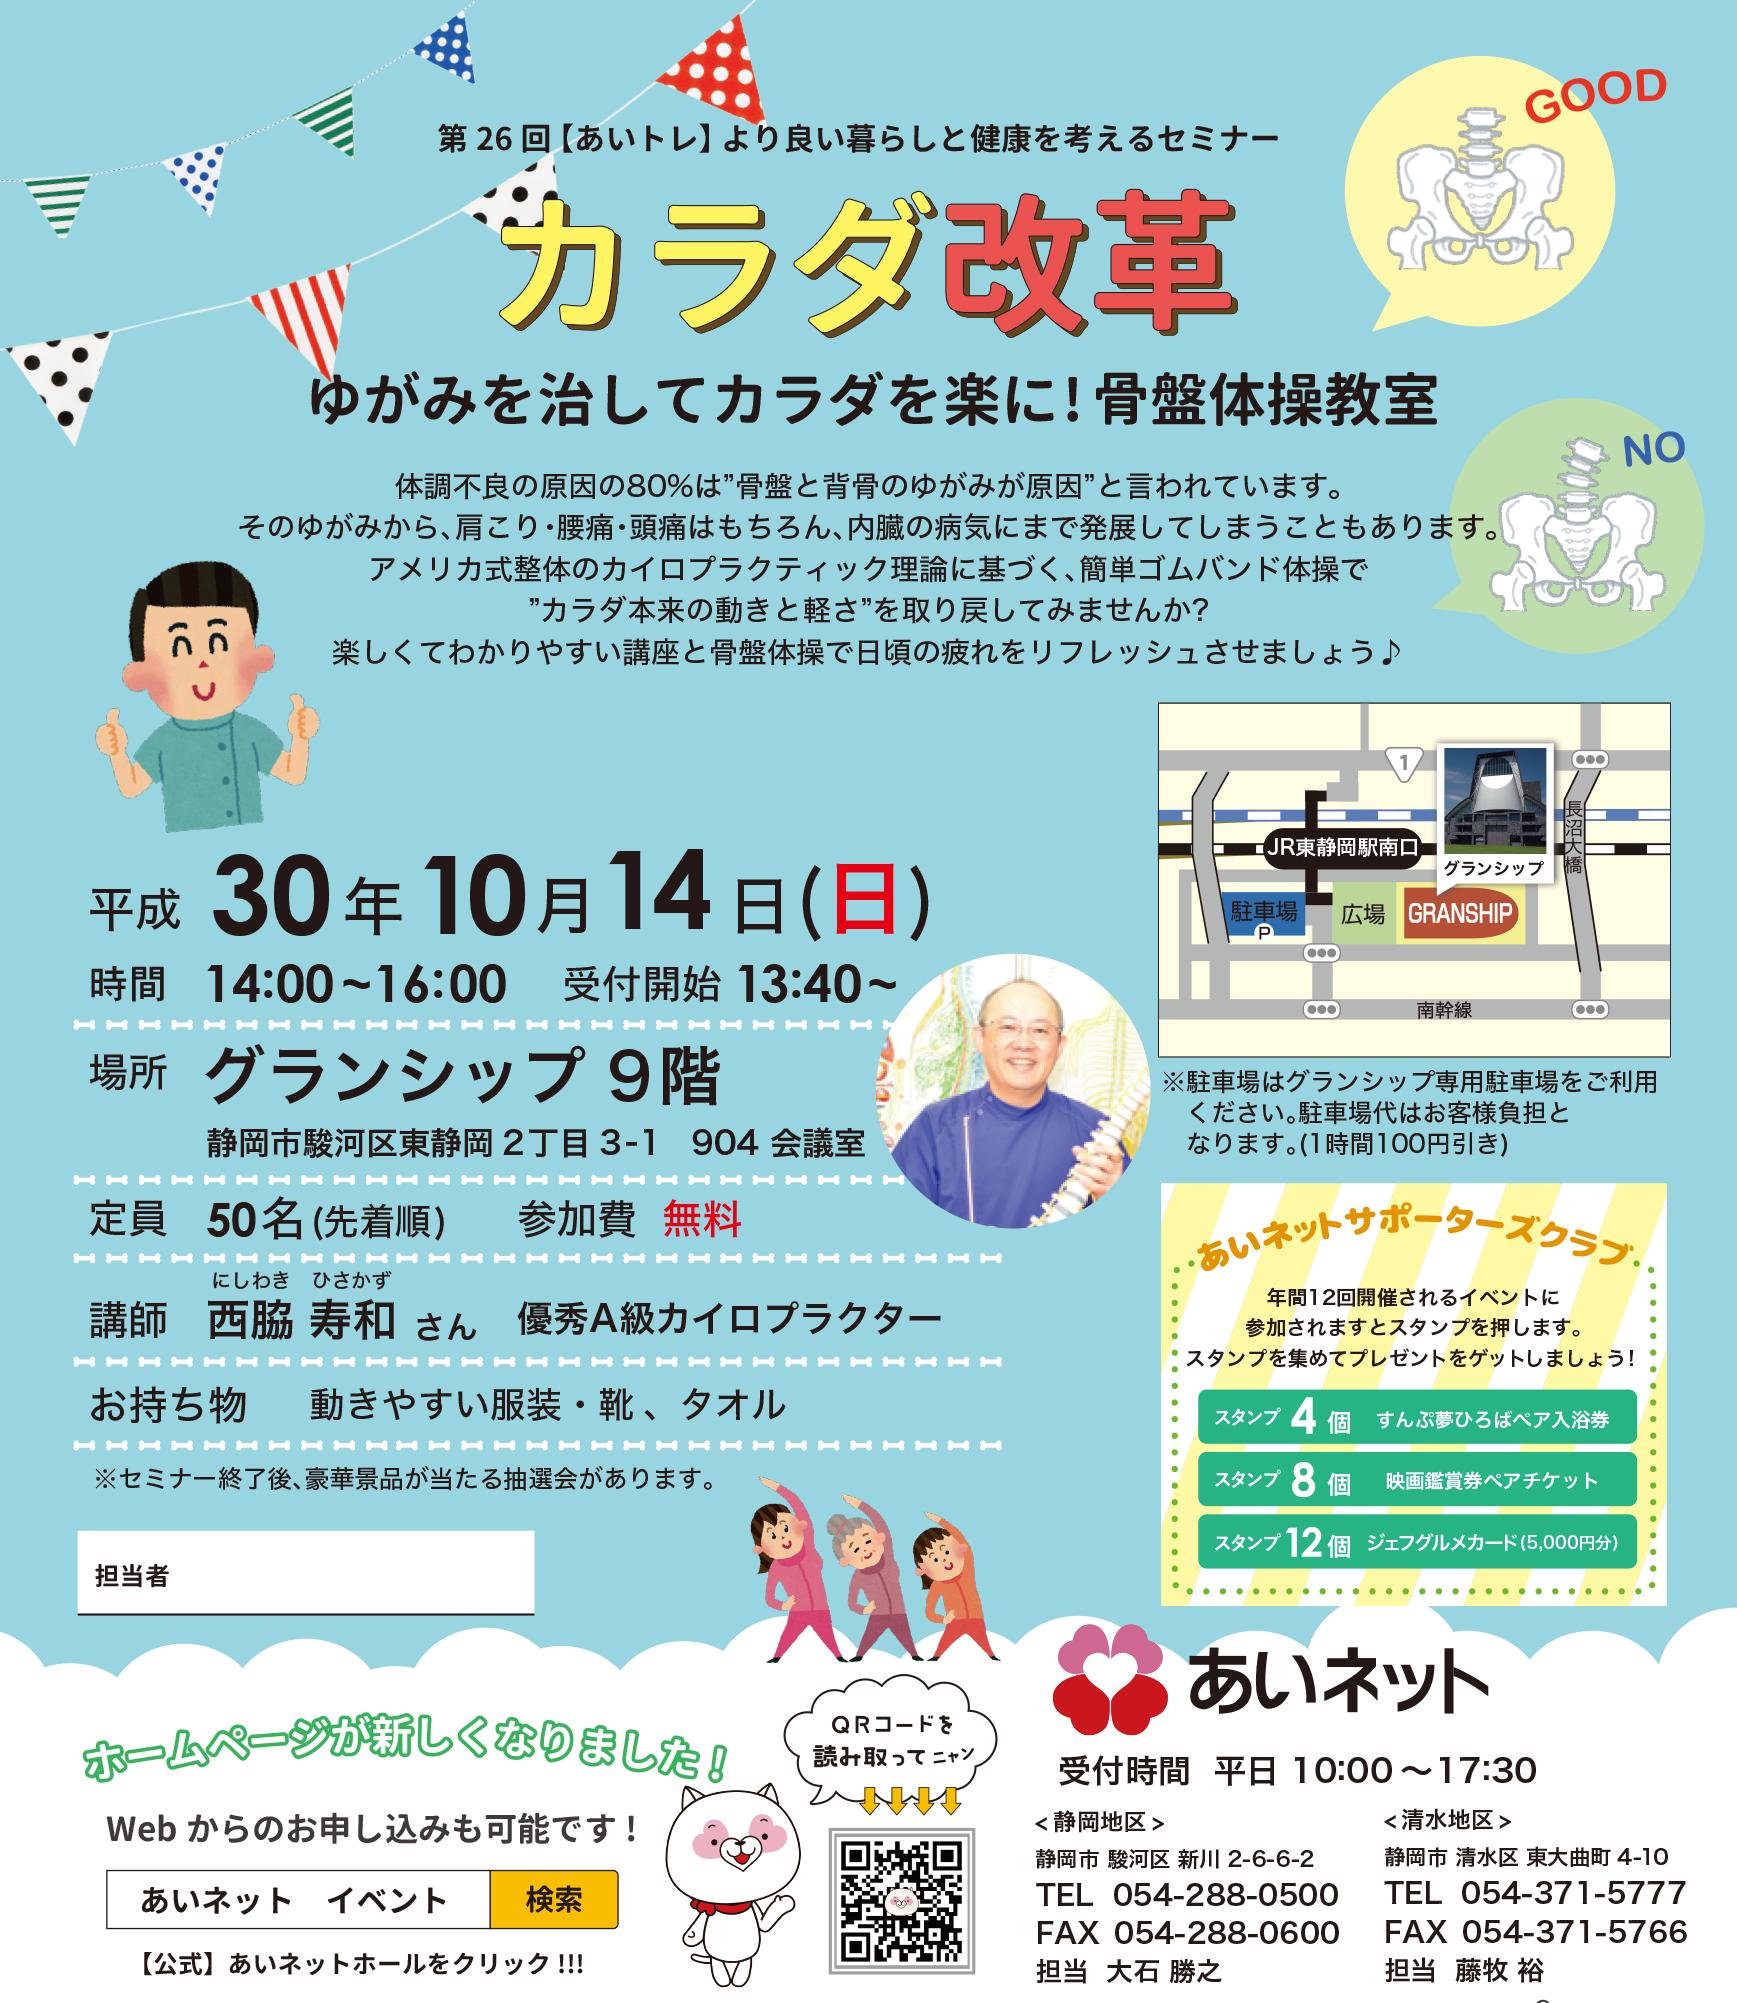 ◆10月【あいトレ】カラダ改革 骨盤体操教室 受付終了!